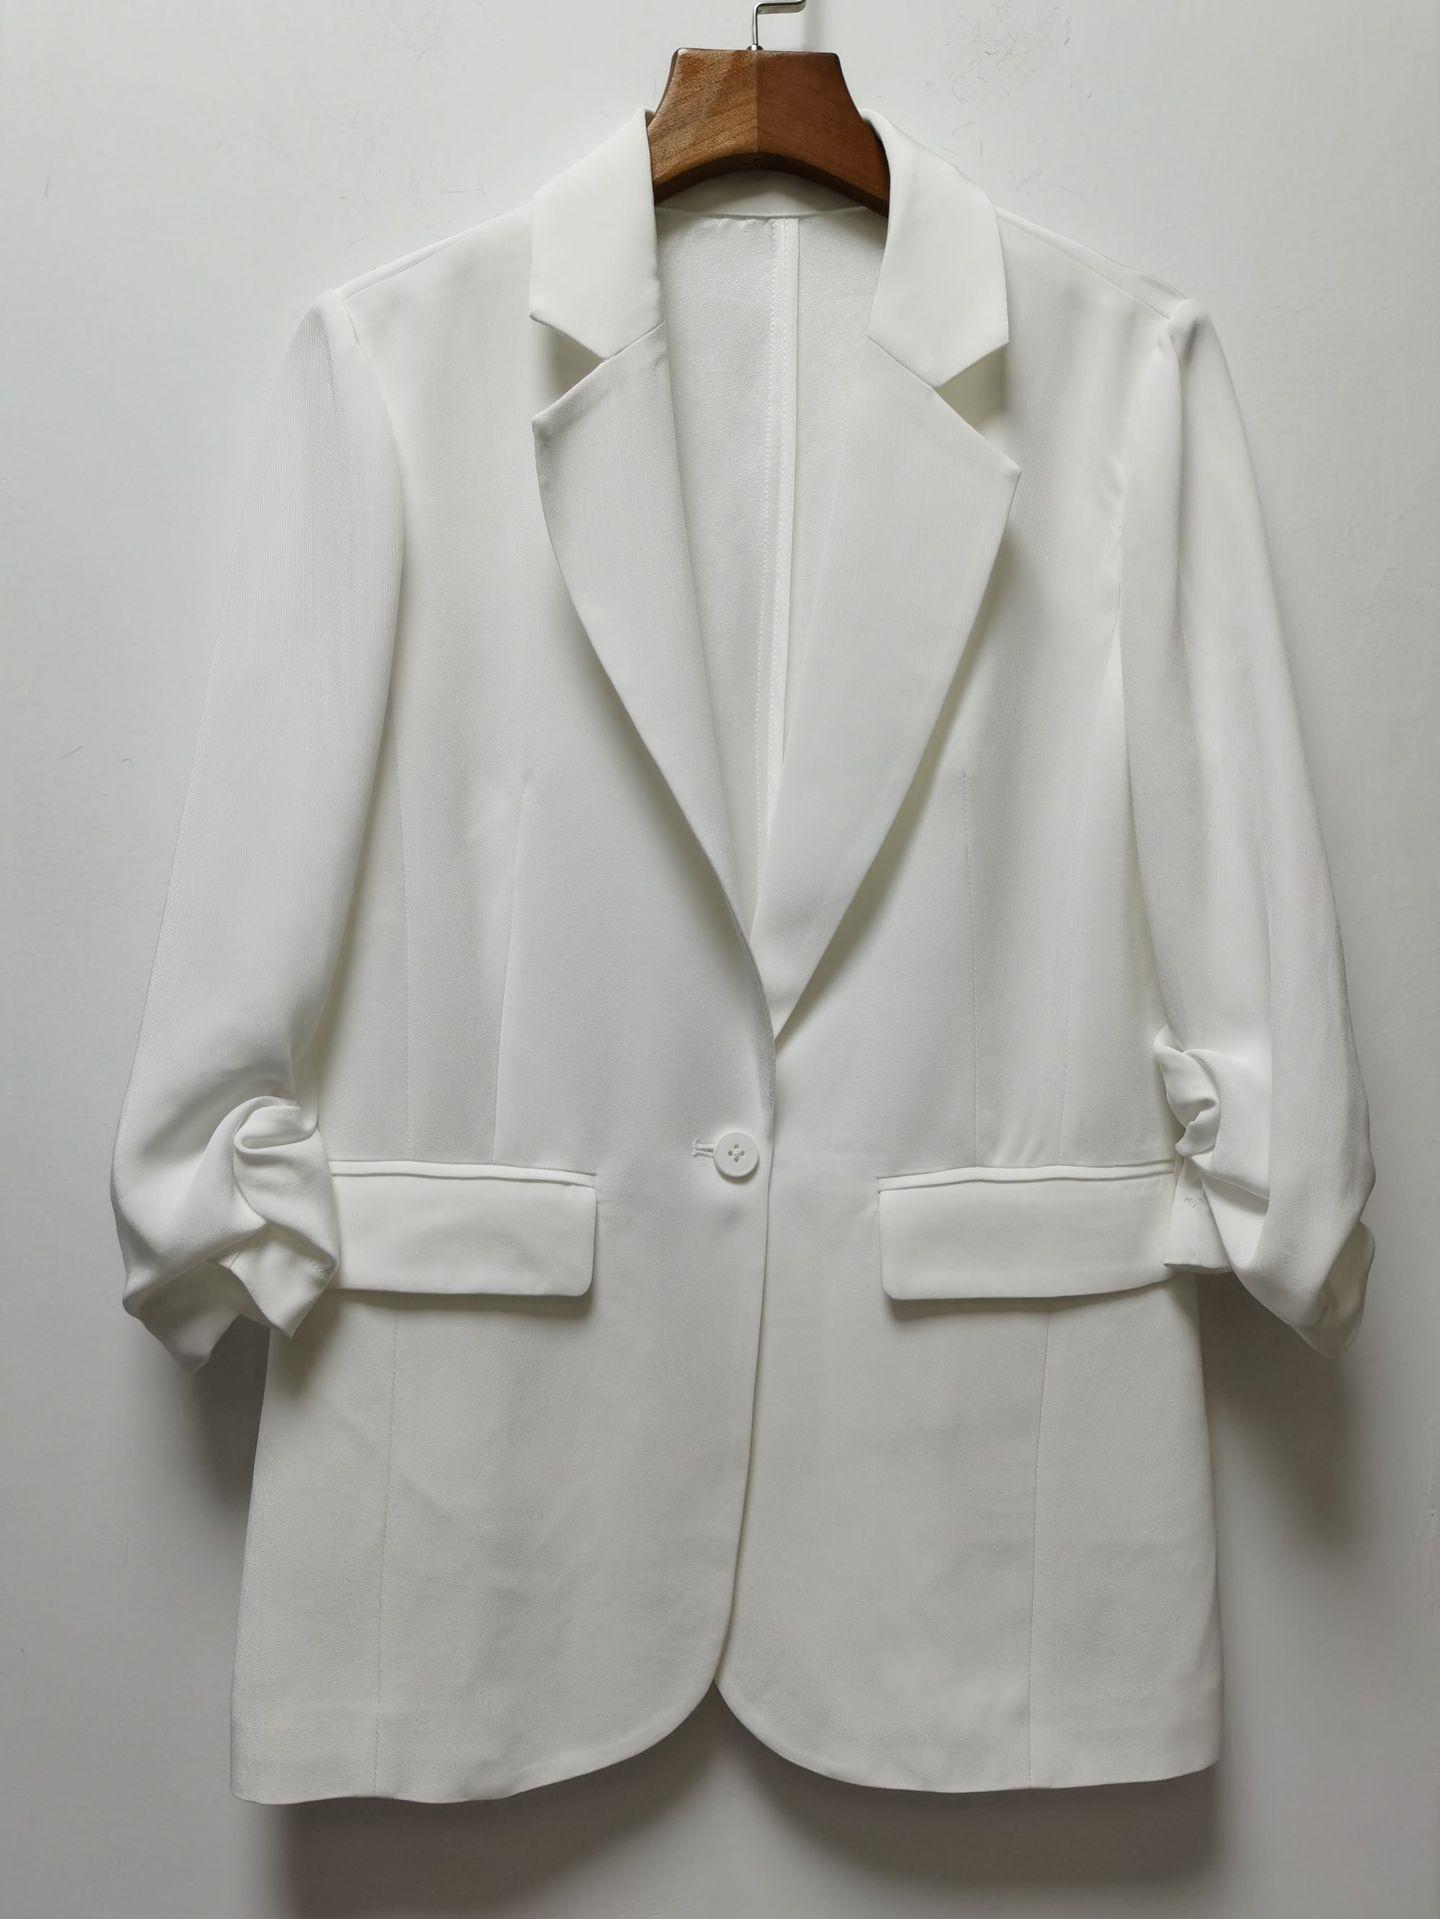 GV6mE New triacético casaco pequeno punho branco nenhum botão commuter OL Botão terno casaco SMLXL não retornar mudança plissado